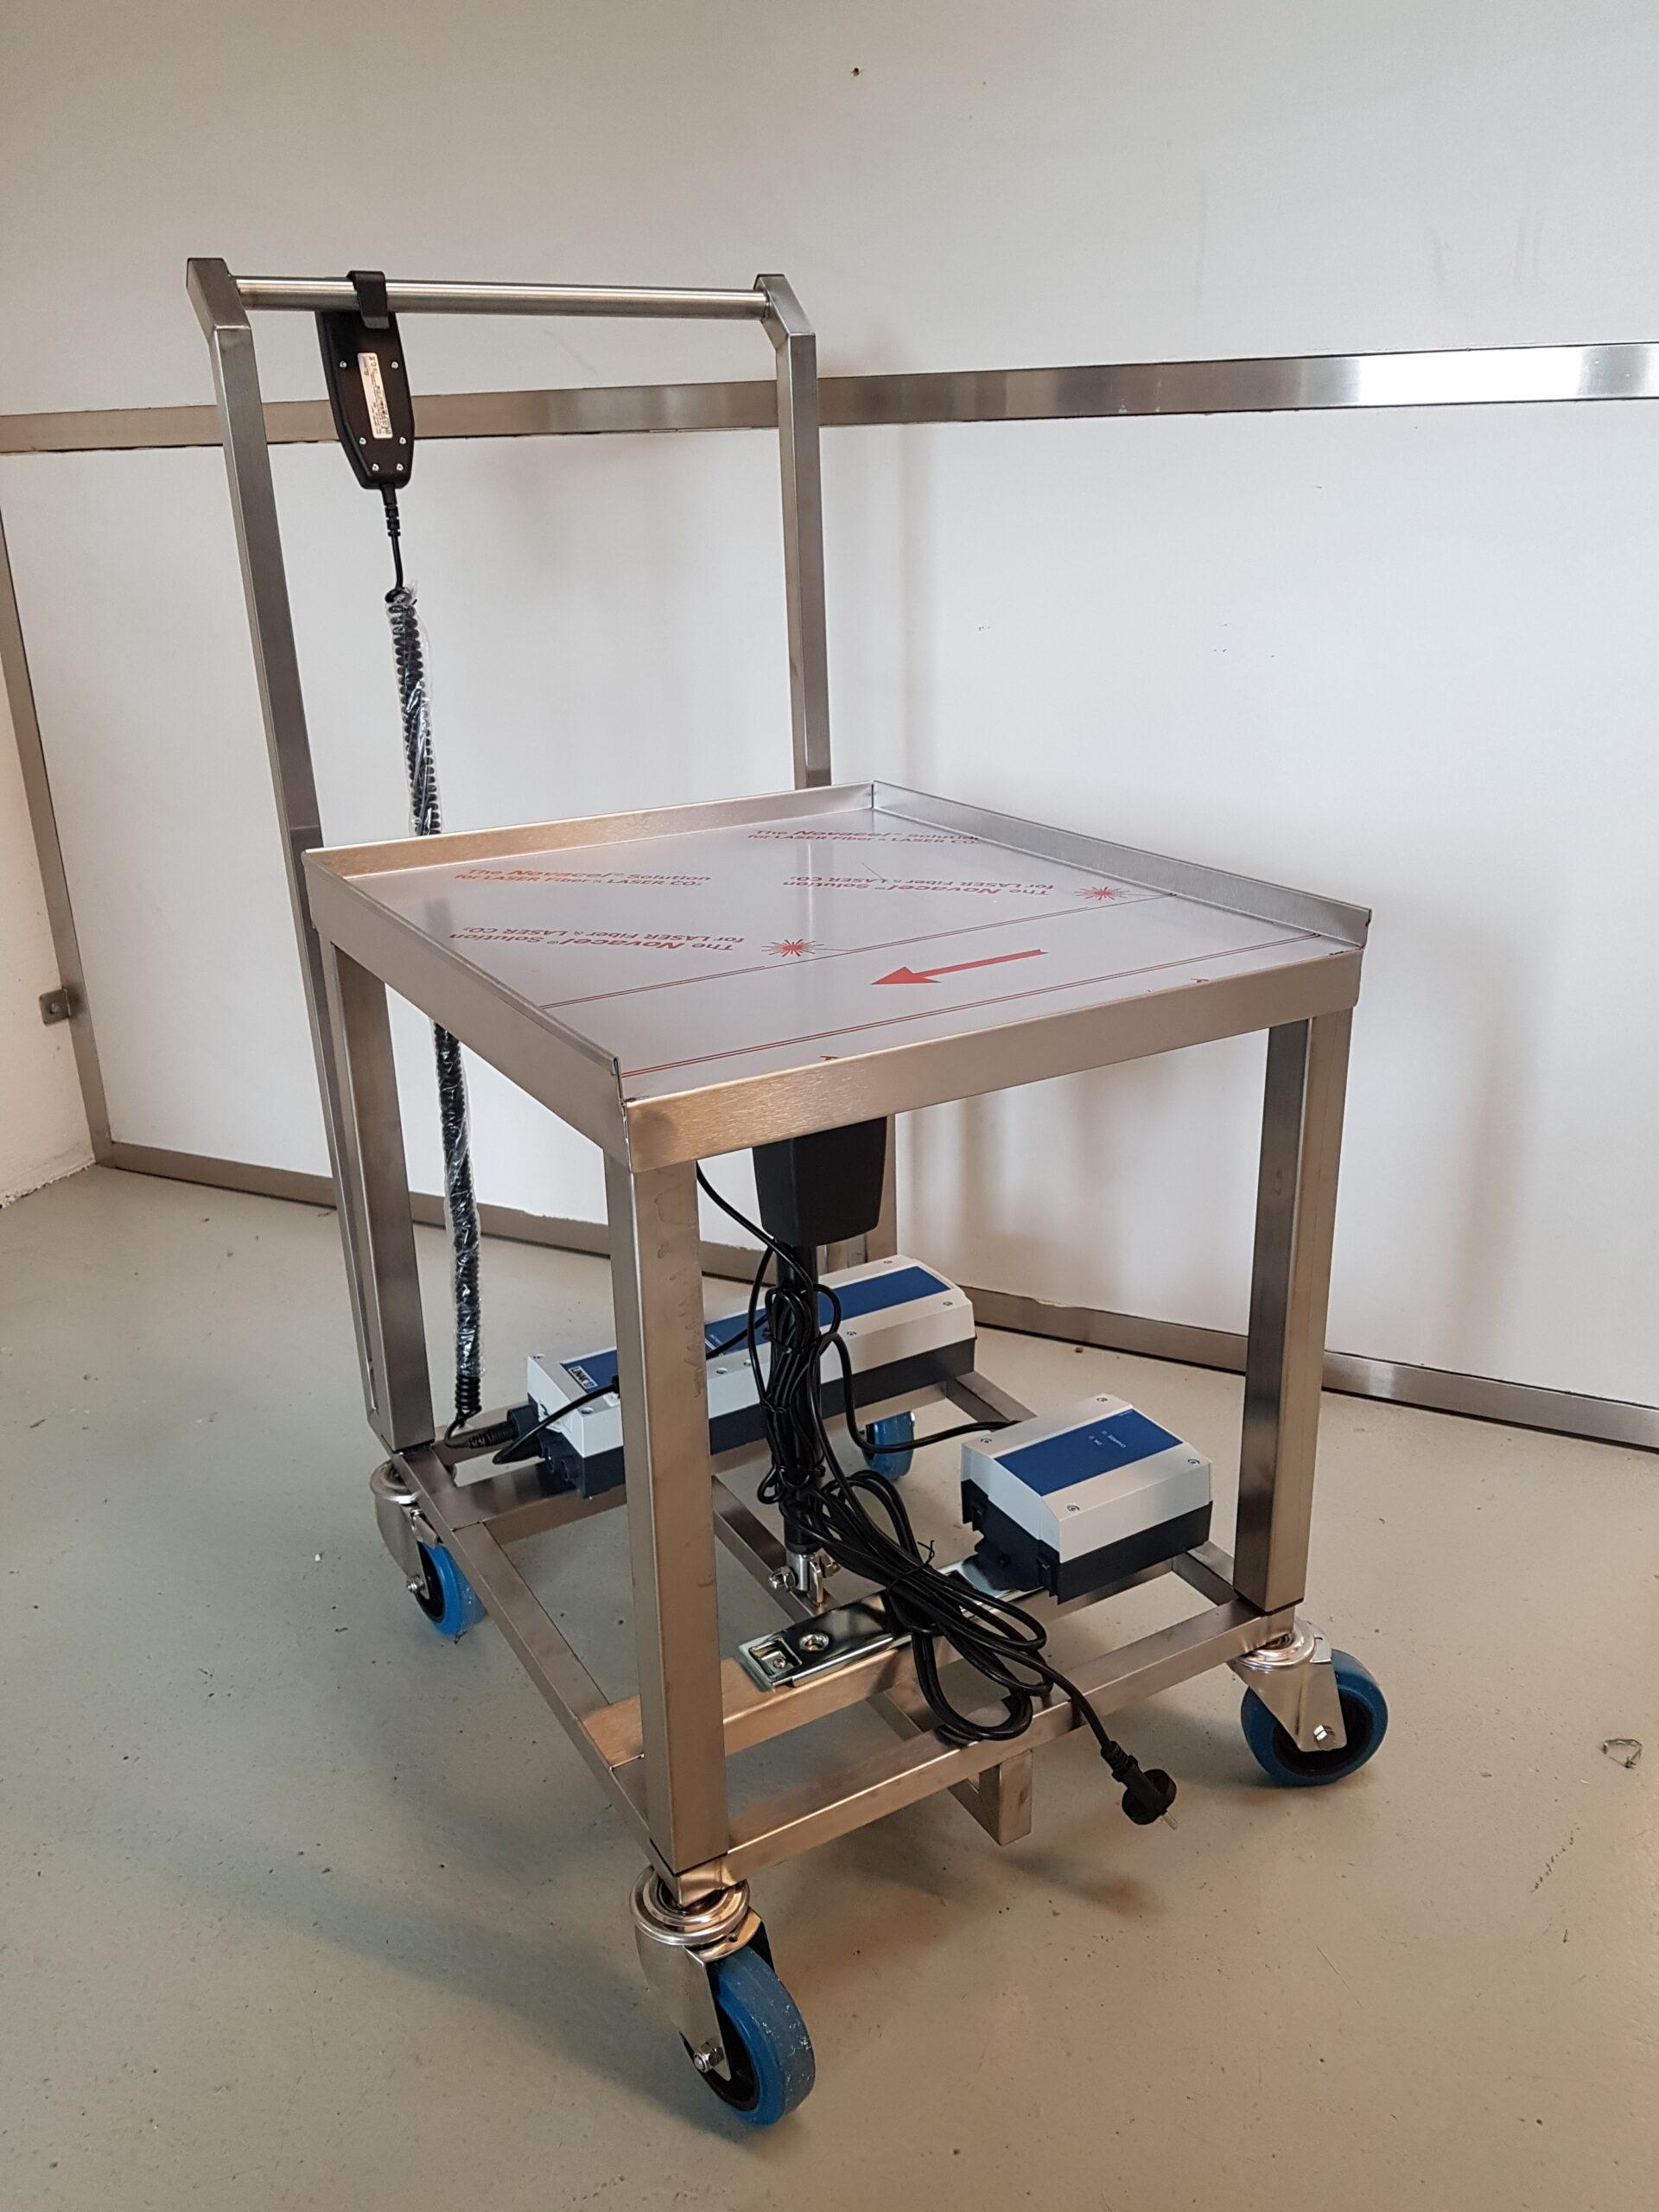 Wilno Rustfri ApS - Hæve sænke rullebord med batteri backup